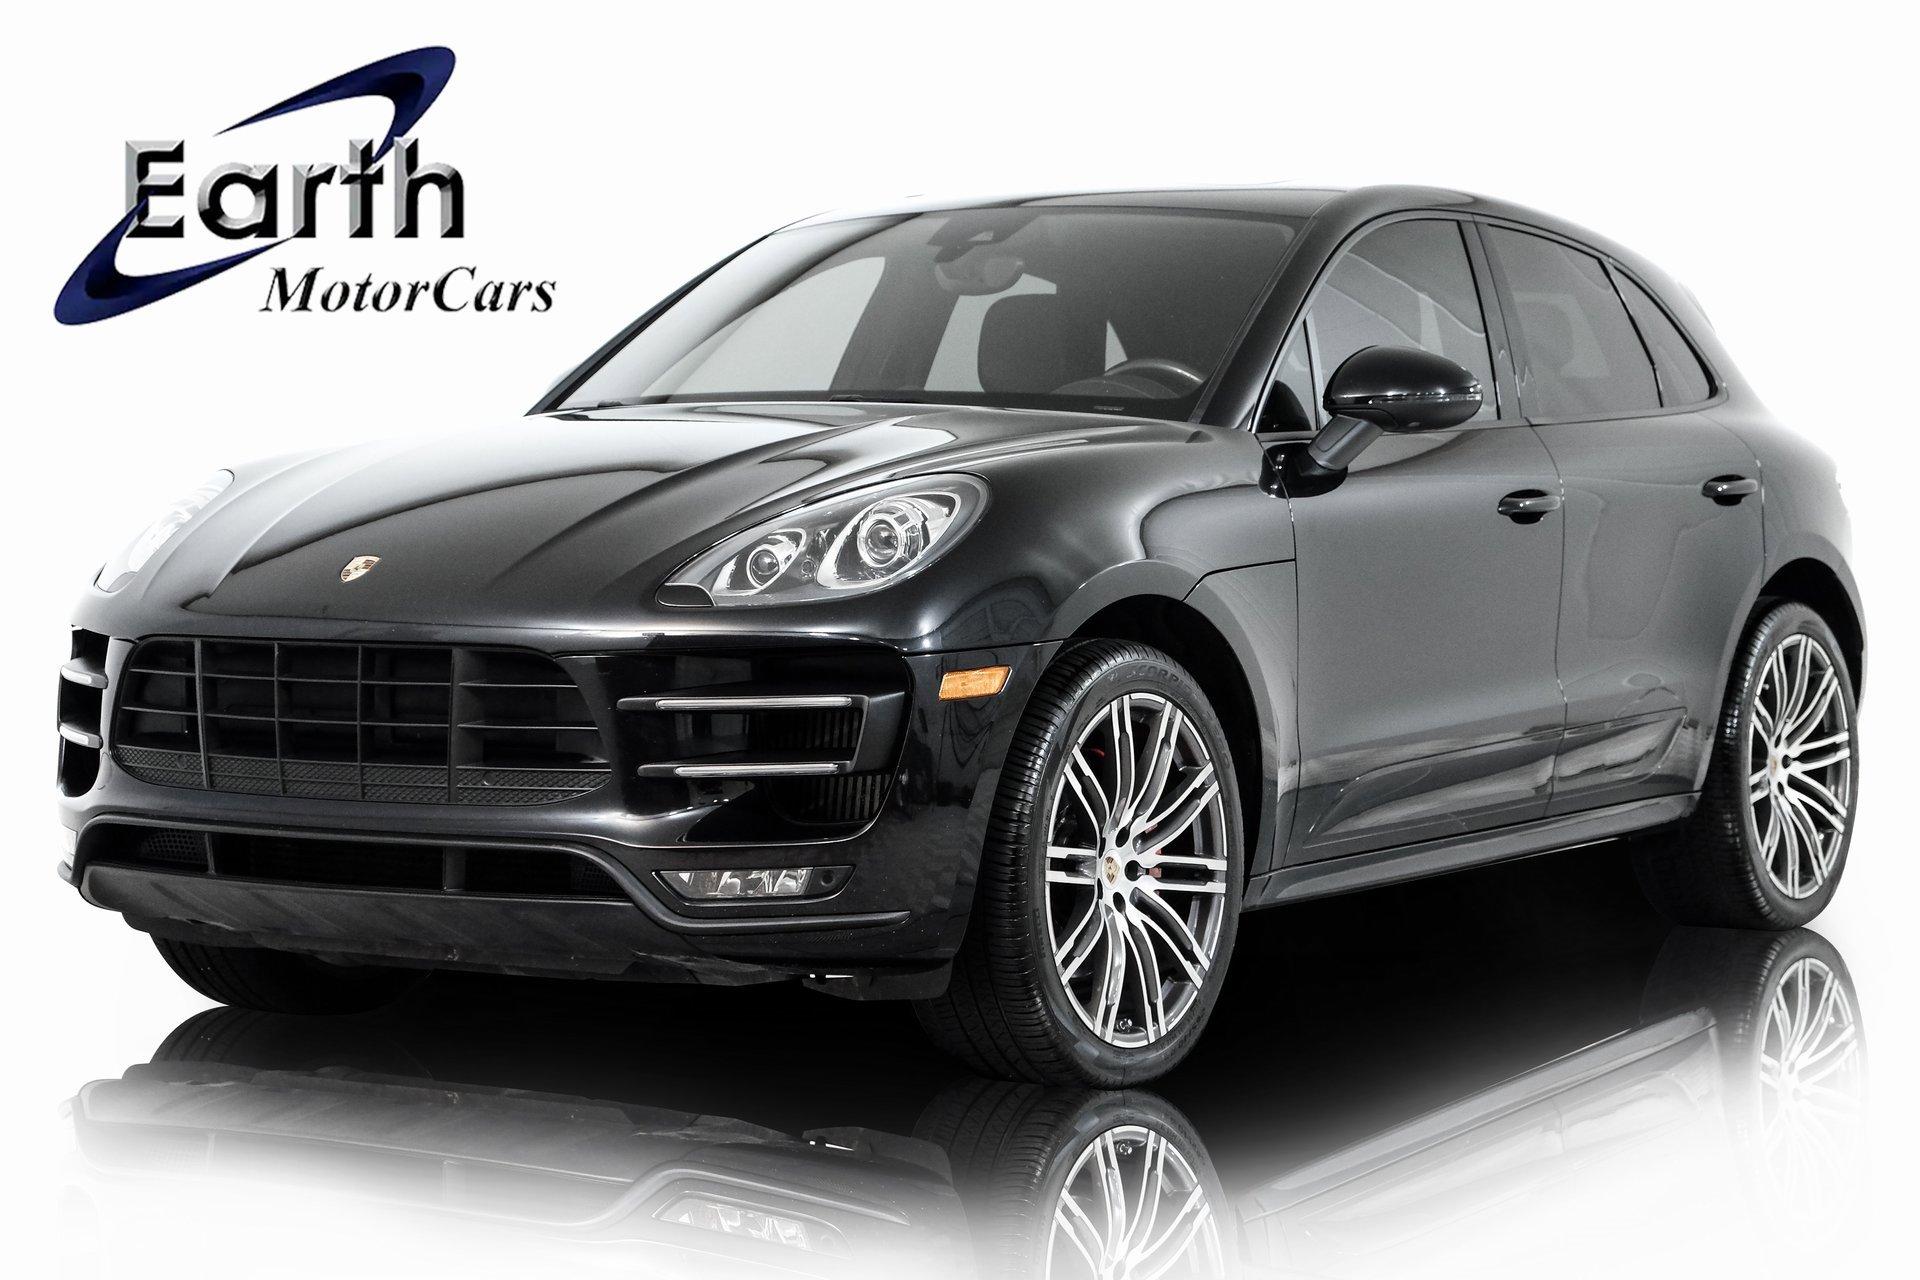 2015 Porsche Macan Turbo image